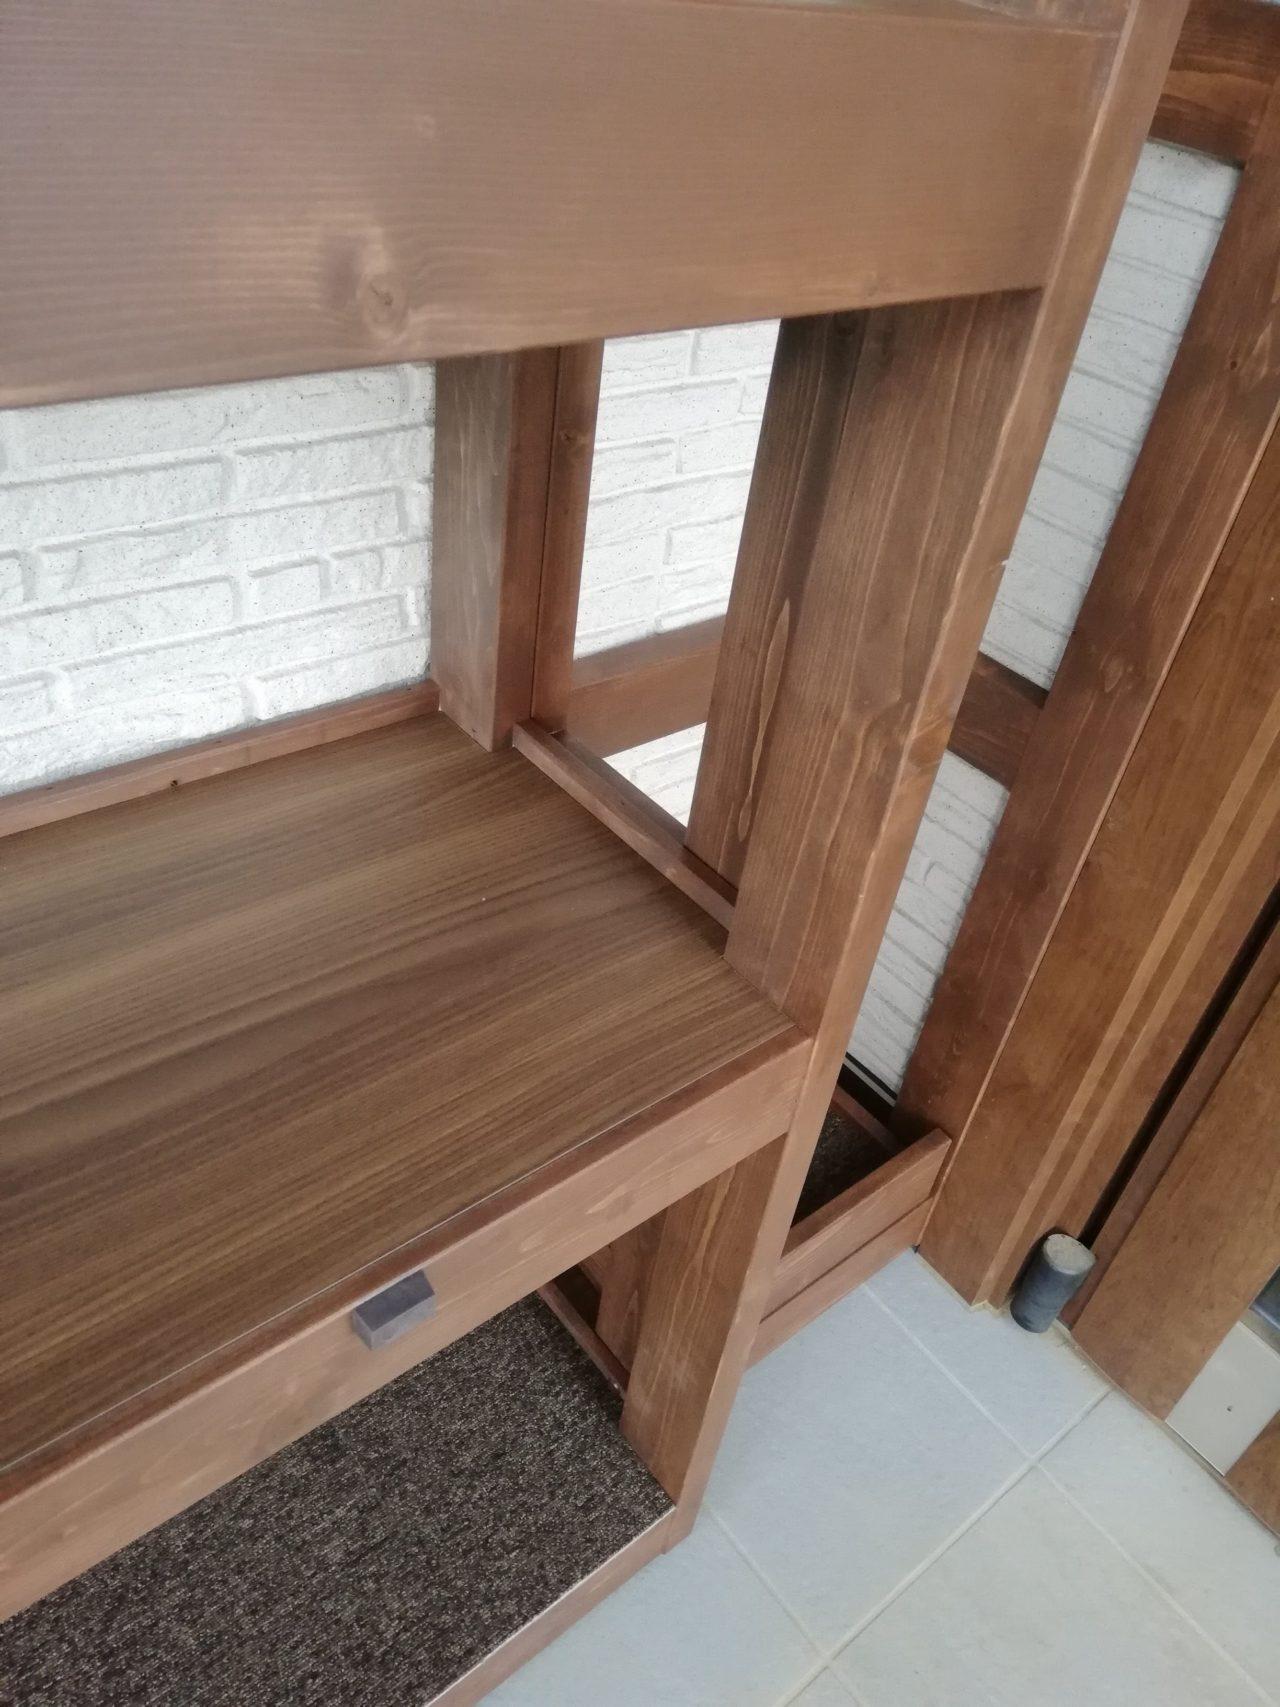 オーダー頂きました、内玄関の棚になります。  ドア枠に合わせた色で寸法や水平レベルなど、ピッタリ収まりました。